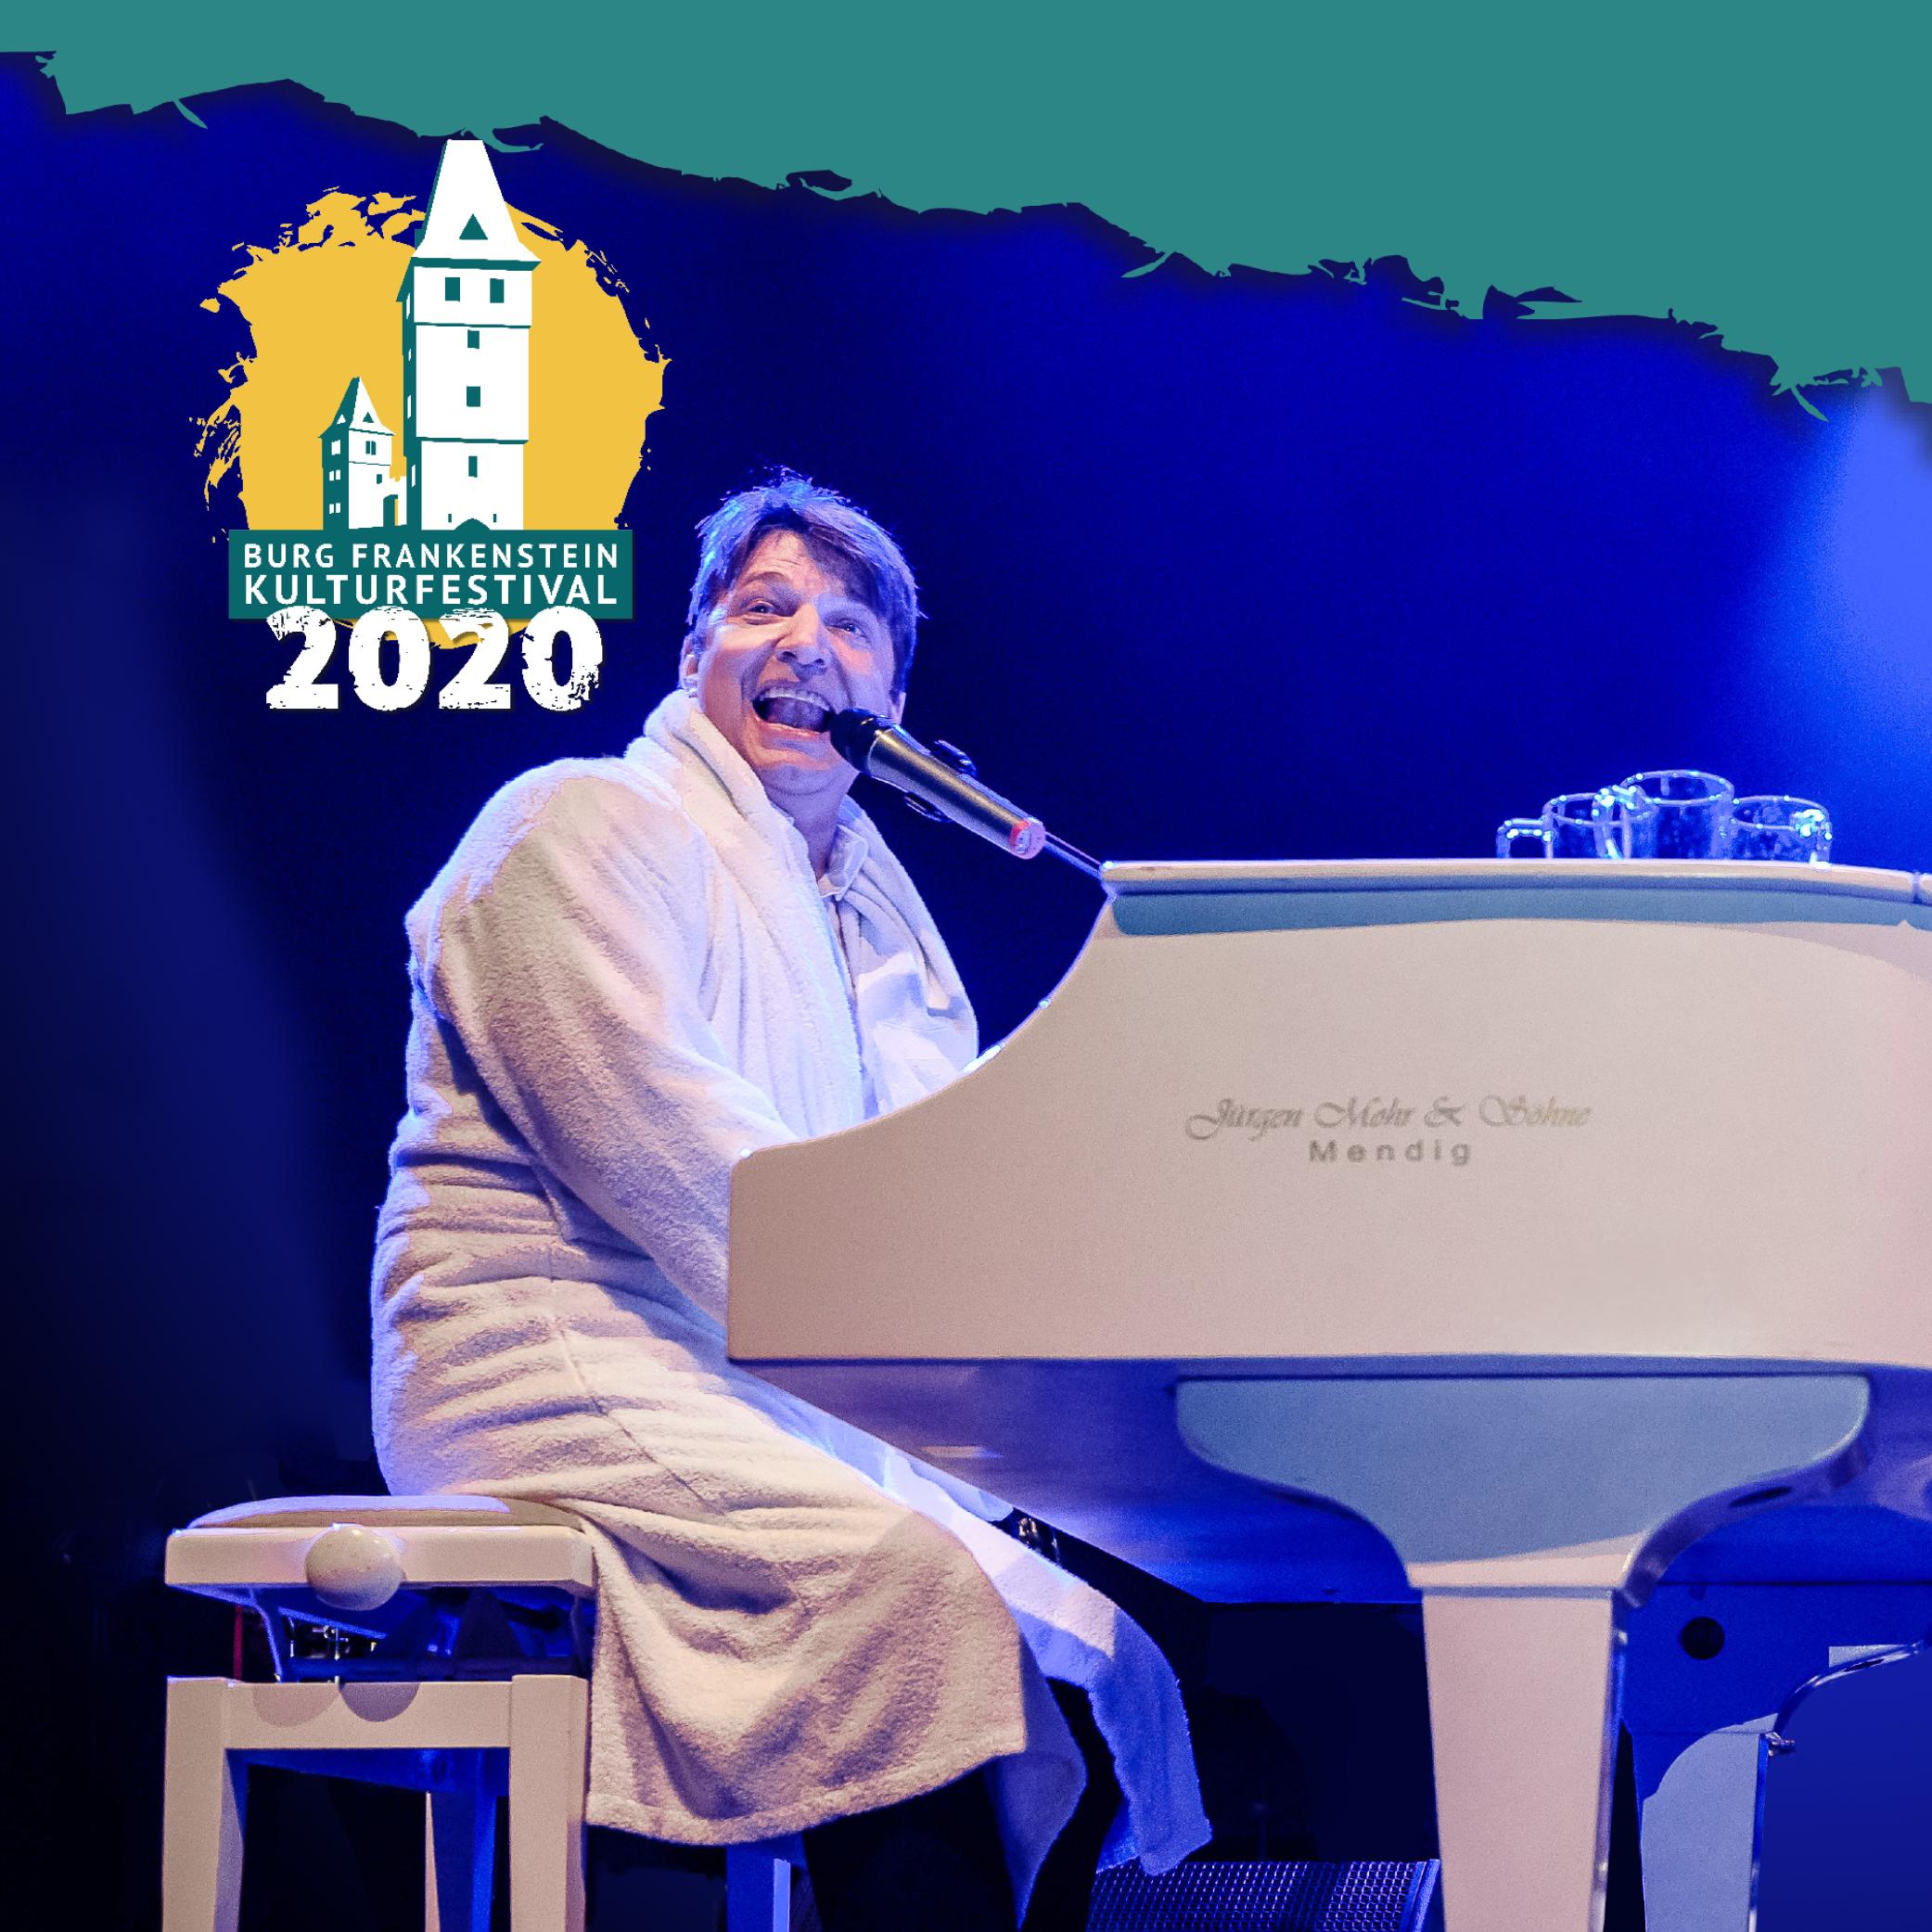 Frankenstein Kulturfestival 12.06.2020